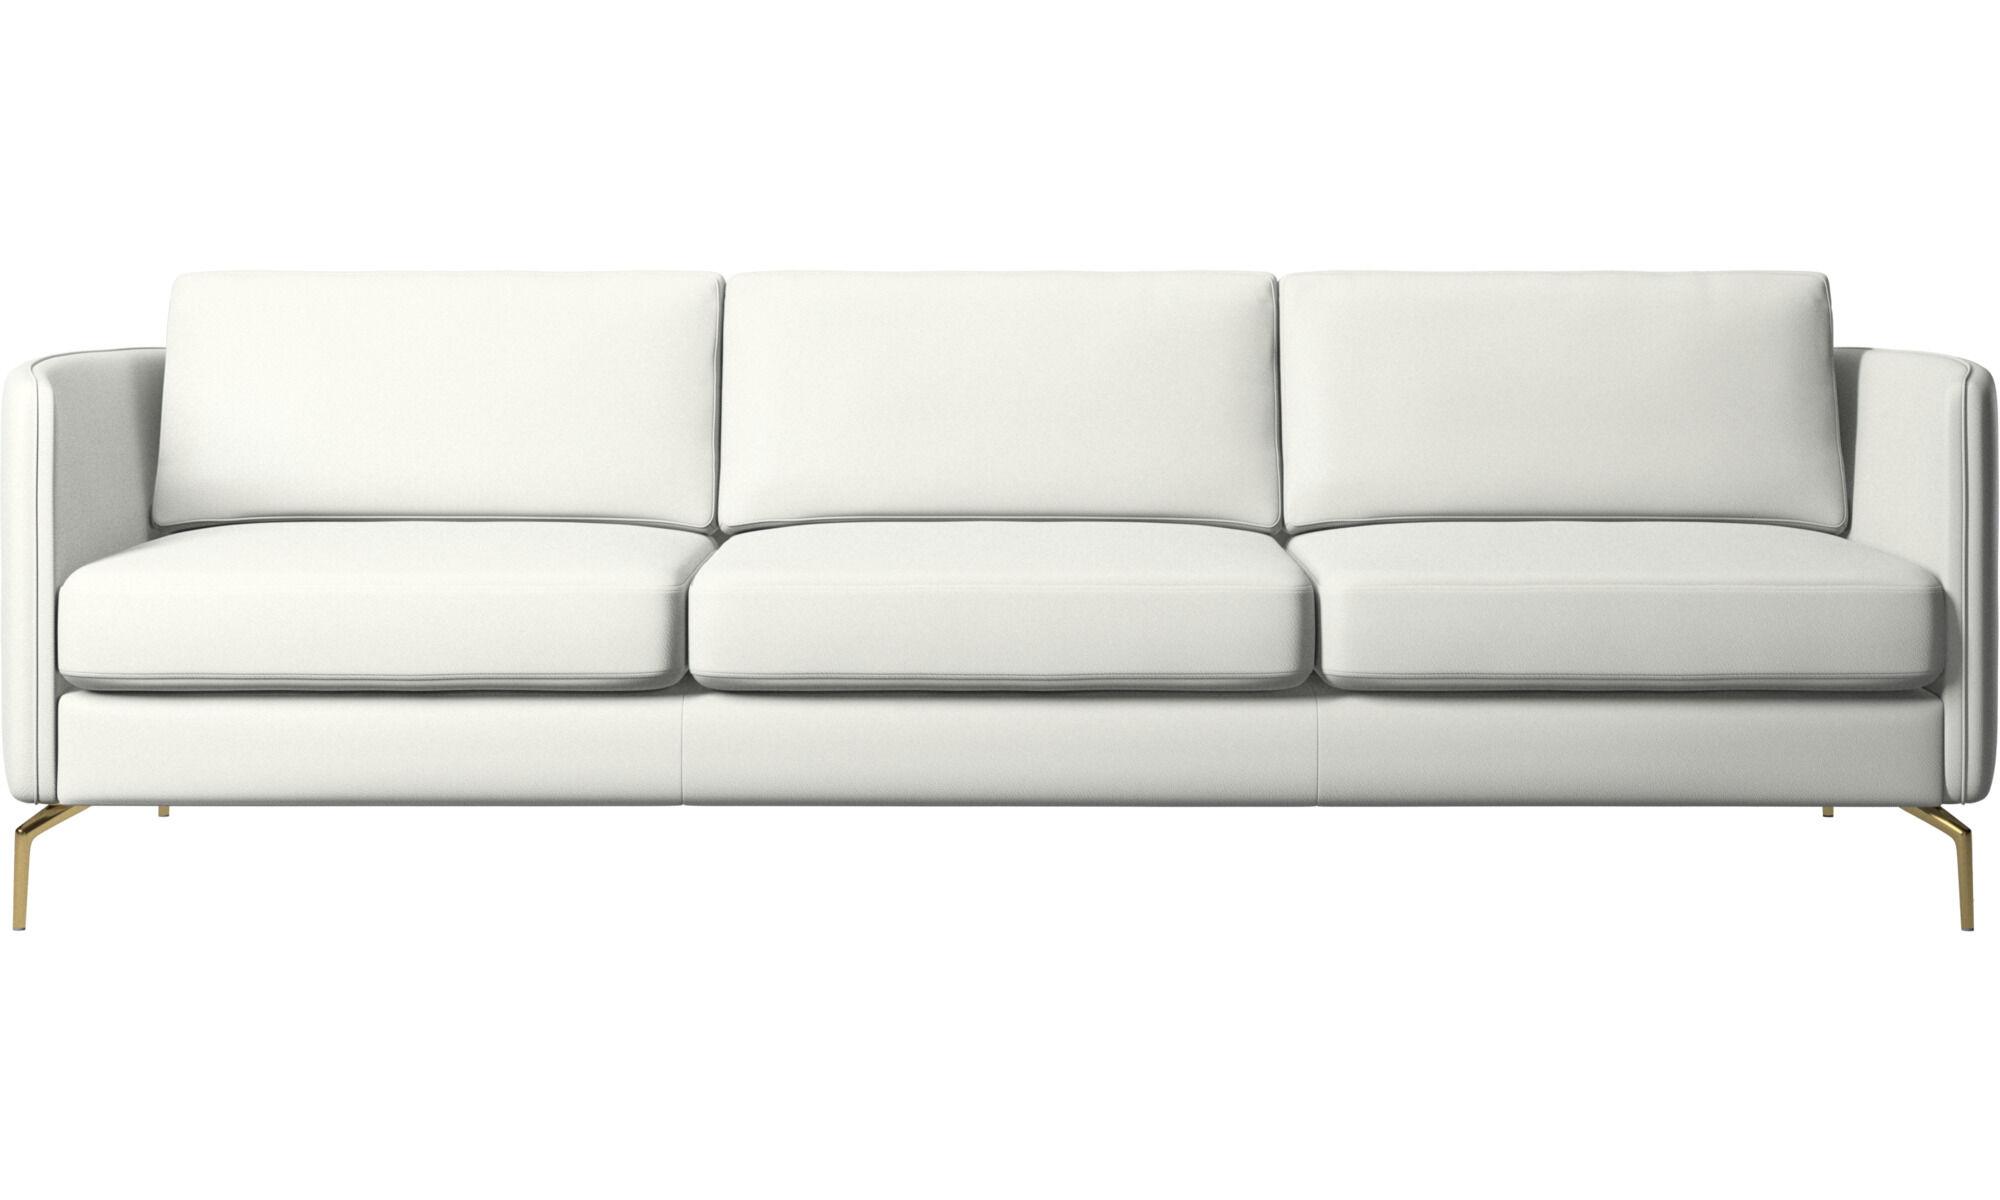 3 Personers Sofaer Hvid Laeder Moderne Dansk Design Boconcept